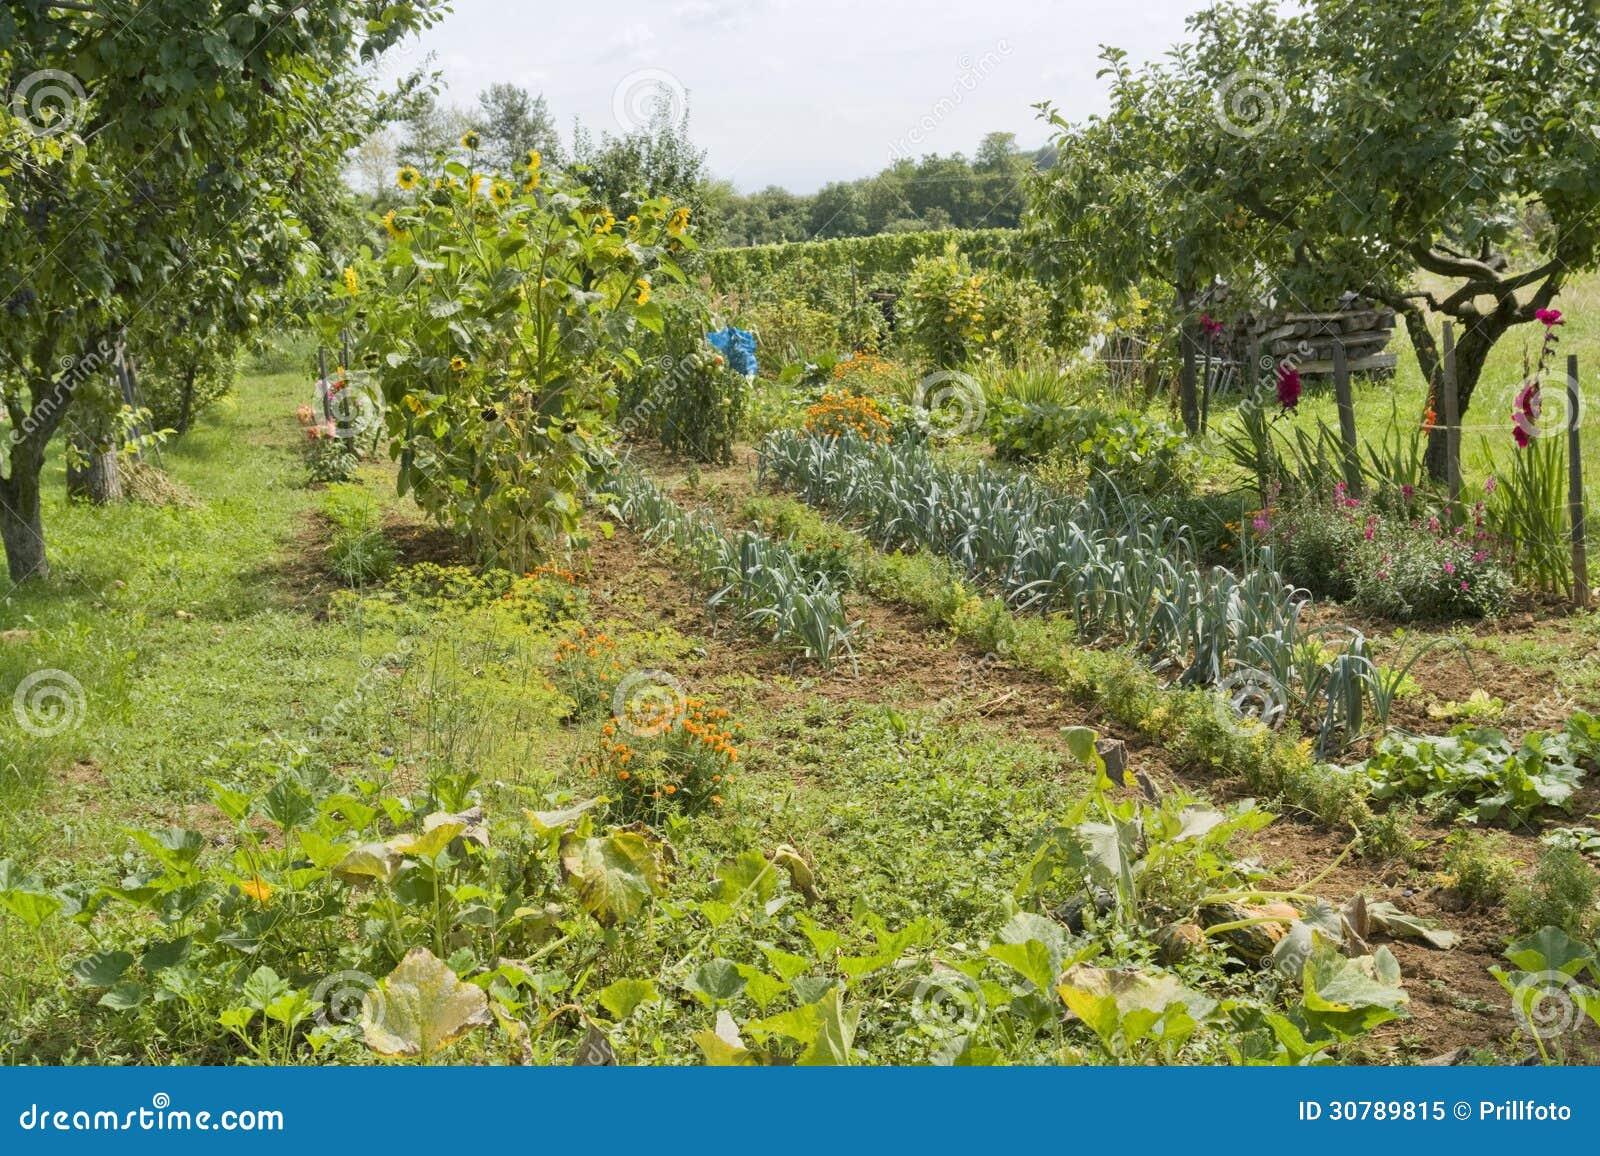 Allotment Garden Royalty Free Stock Photo Image 30789815 - designing a sunny garden